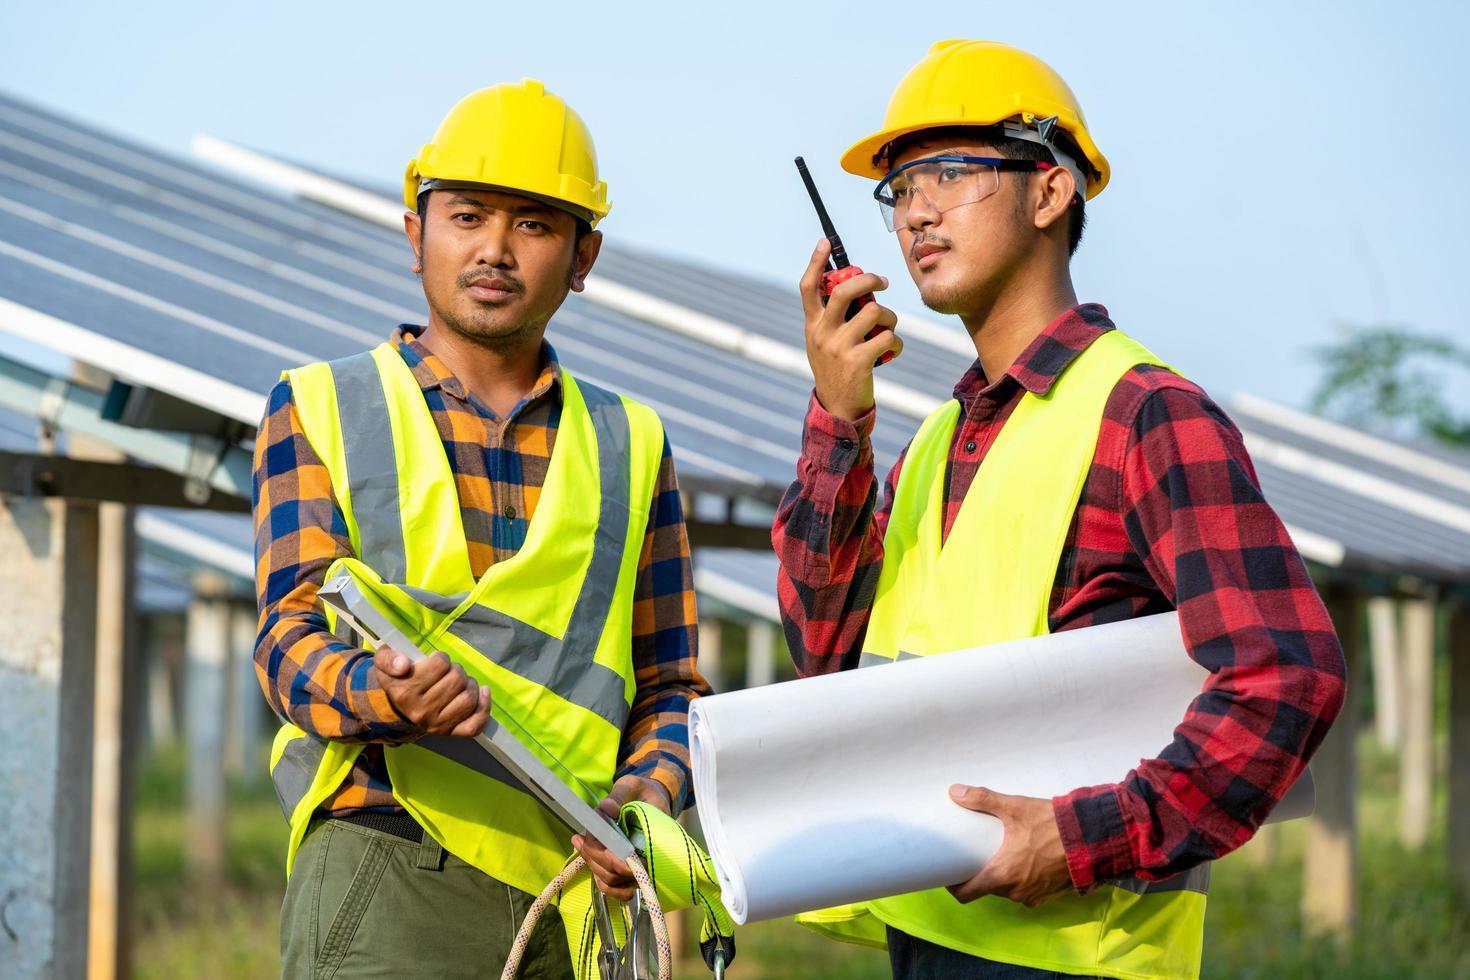 uomini che indossano attrezzature di sicurezza accanto ai pannelli solari foto